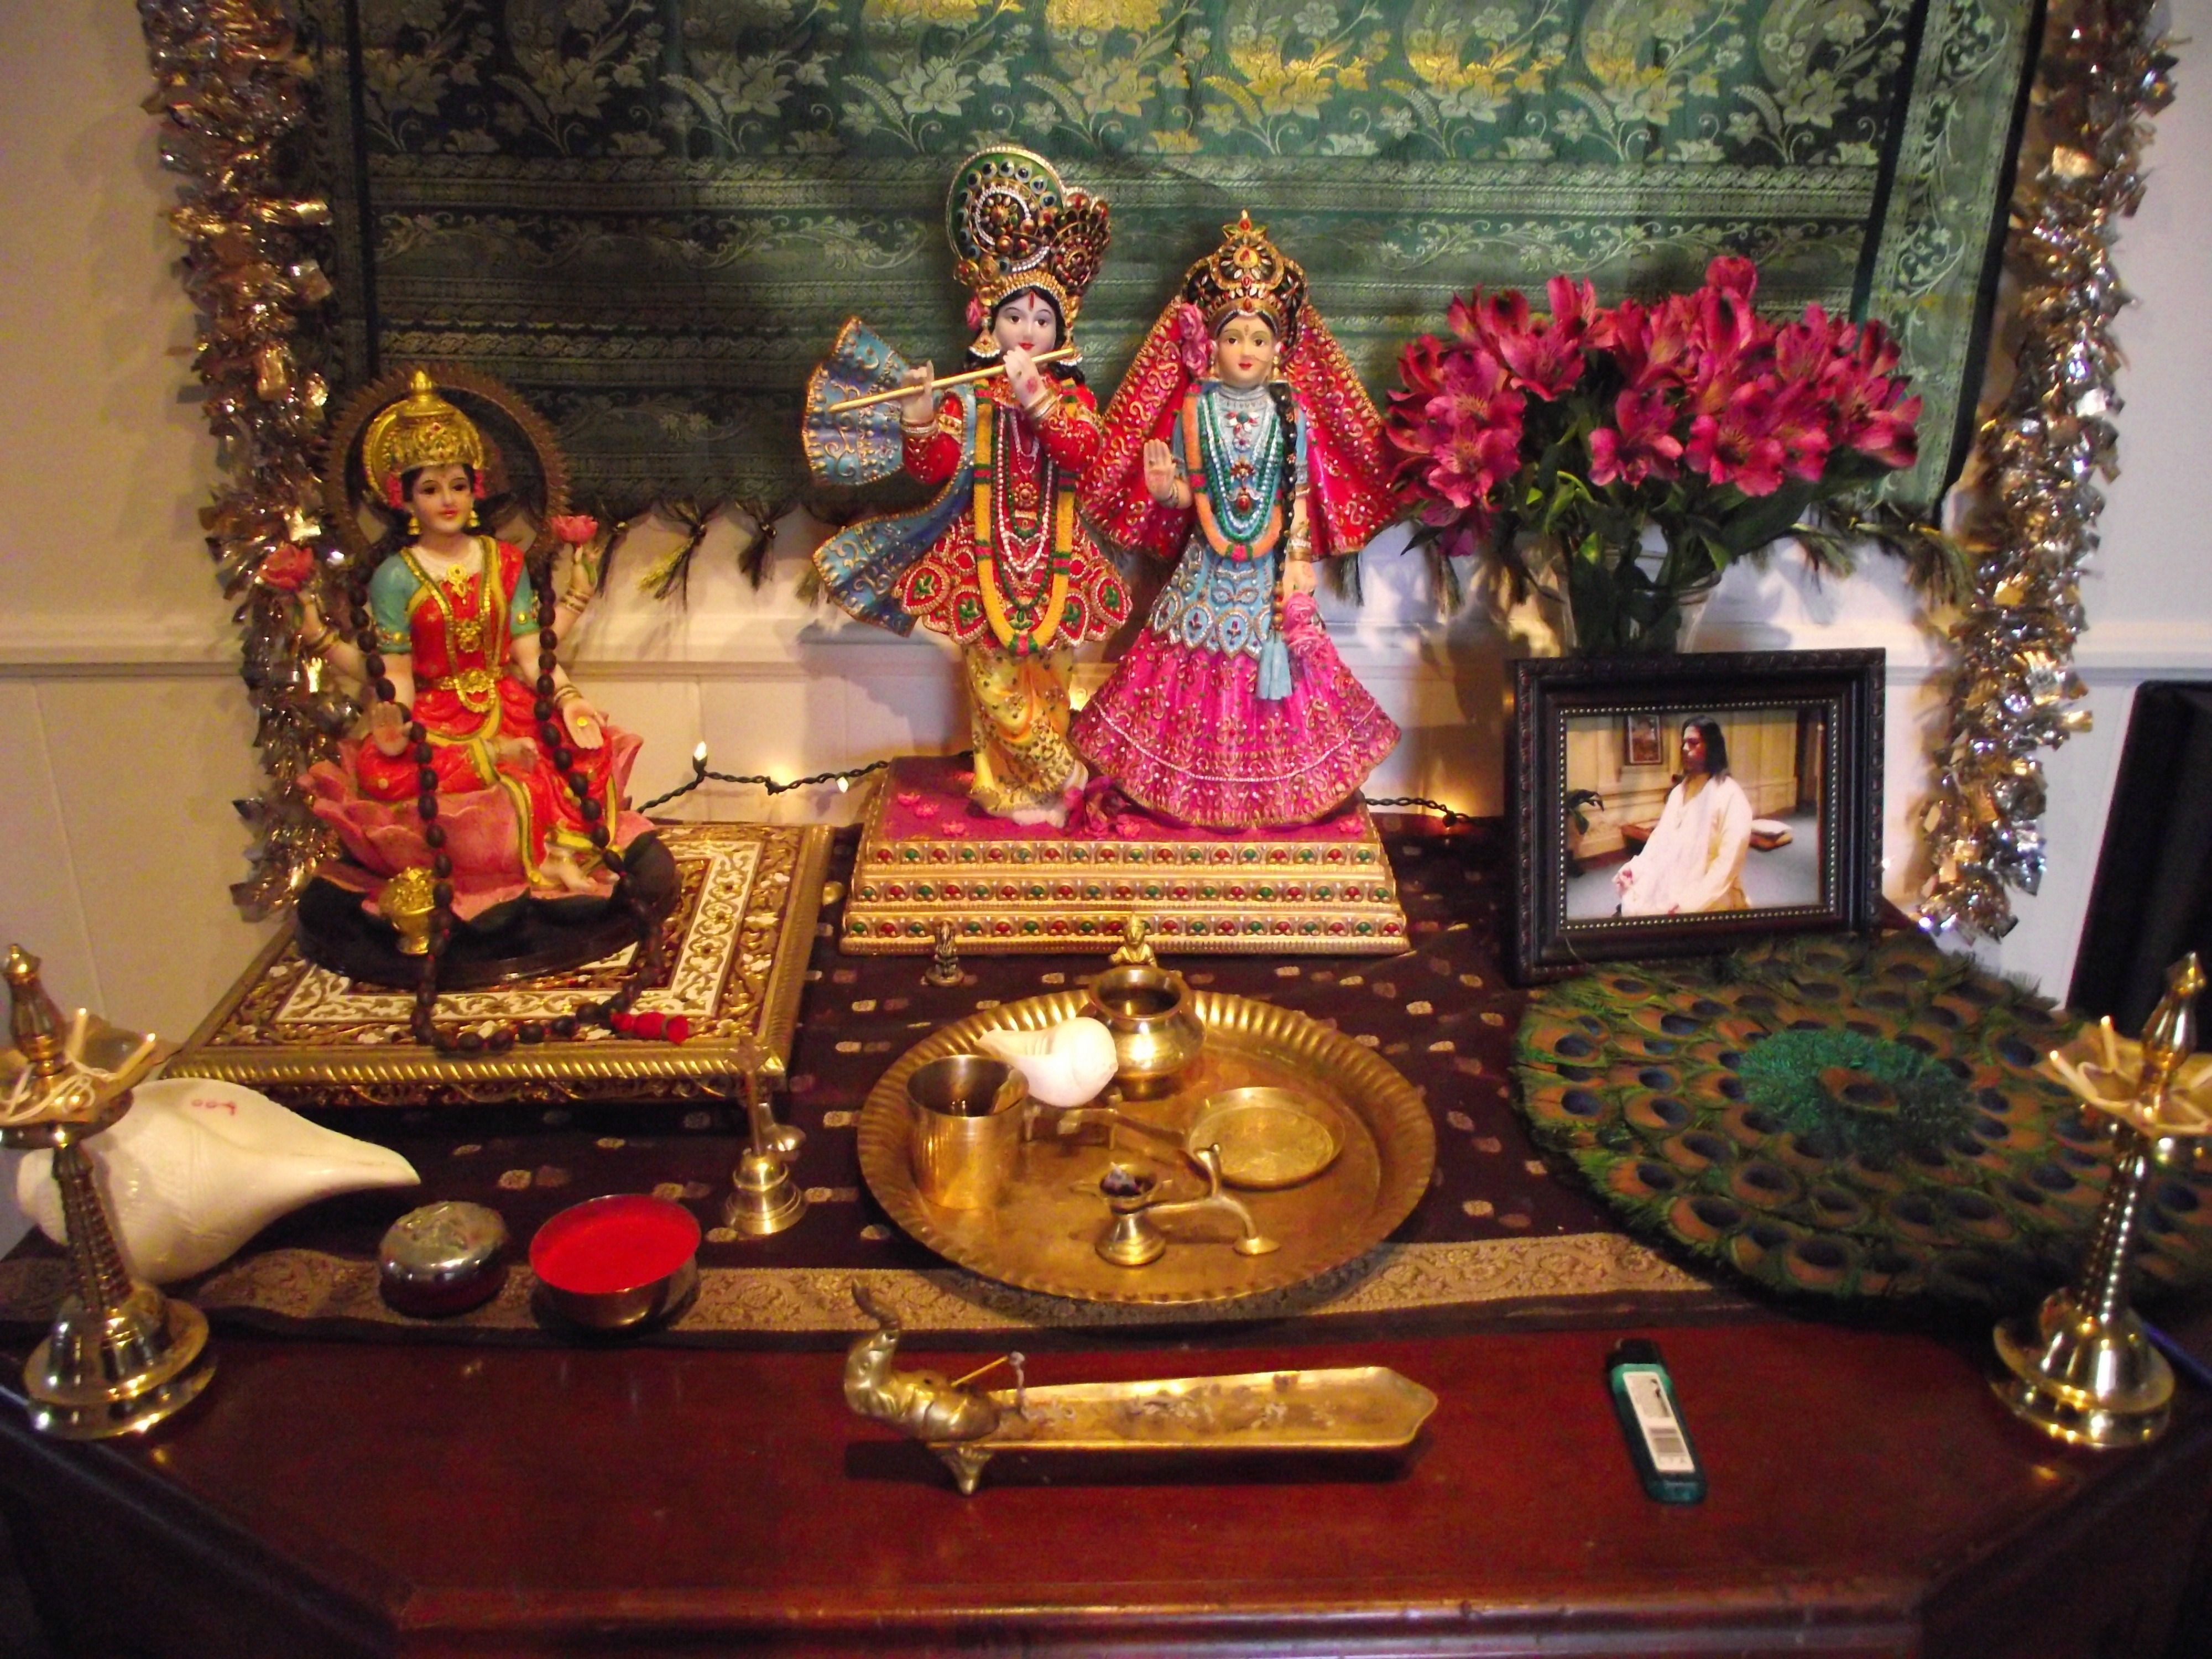 Lakshmi, Krishna, and Radha - Diwali altar | Sacred Spaces ... for Diwali Puja Decoration At Home  153tgx